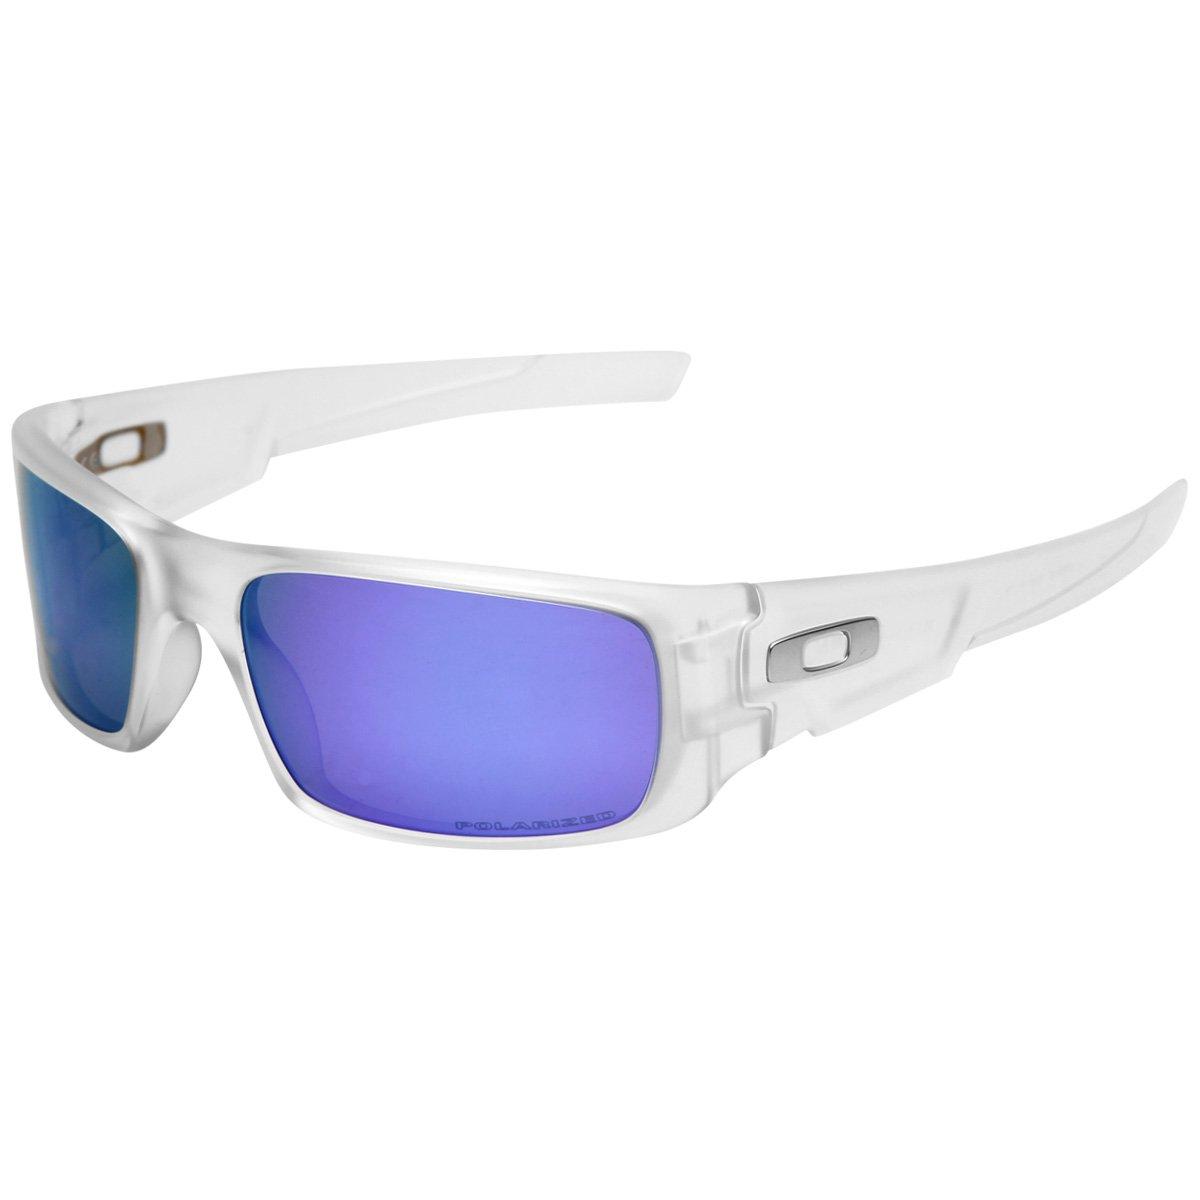 a6d09a1a005a6 Óculos de Sol Oakley Crankshaft Iridium - Compre Agora   Netshoes